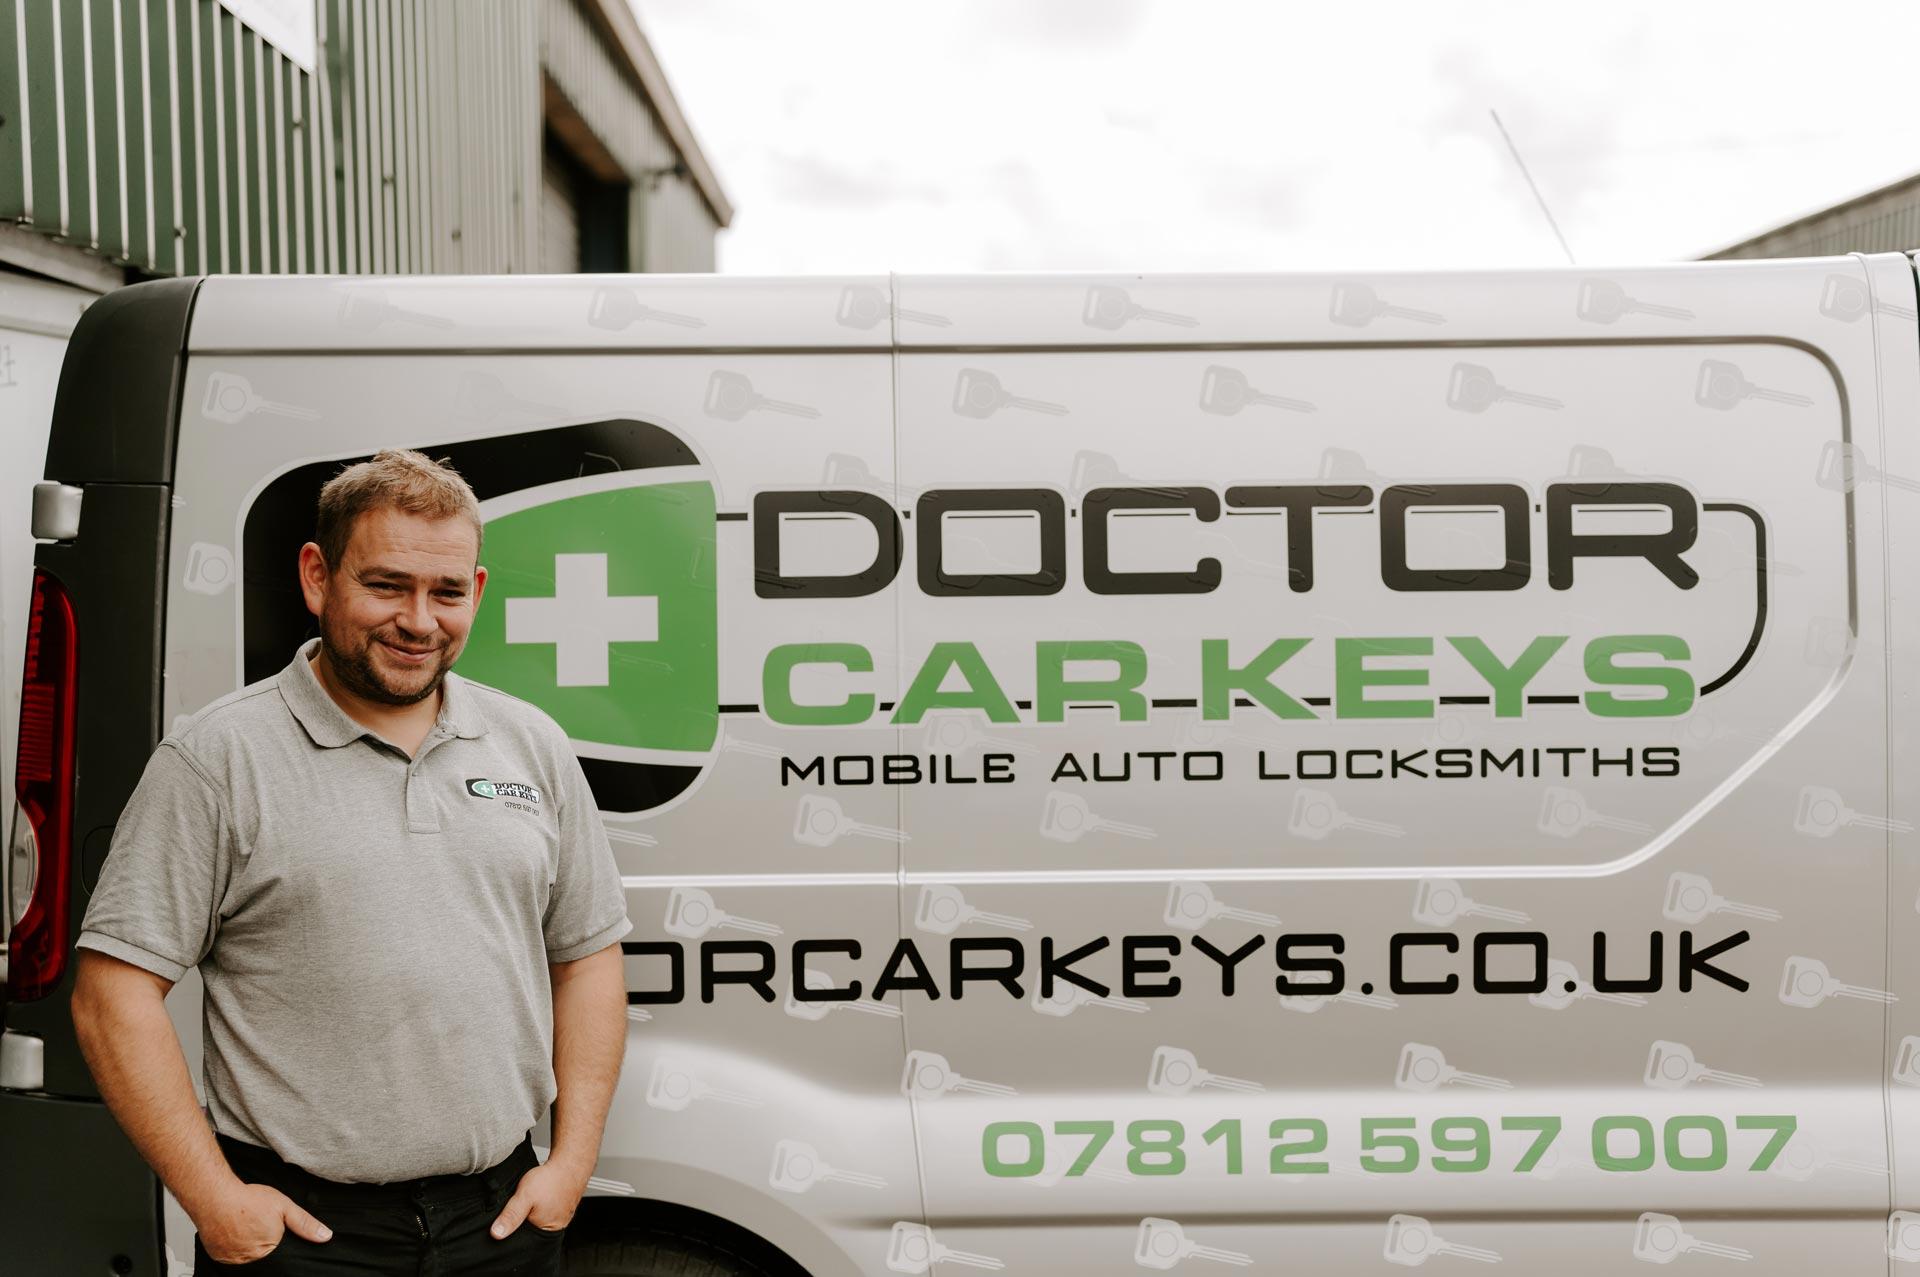 Auto Locksmiths in Newbury